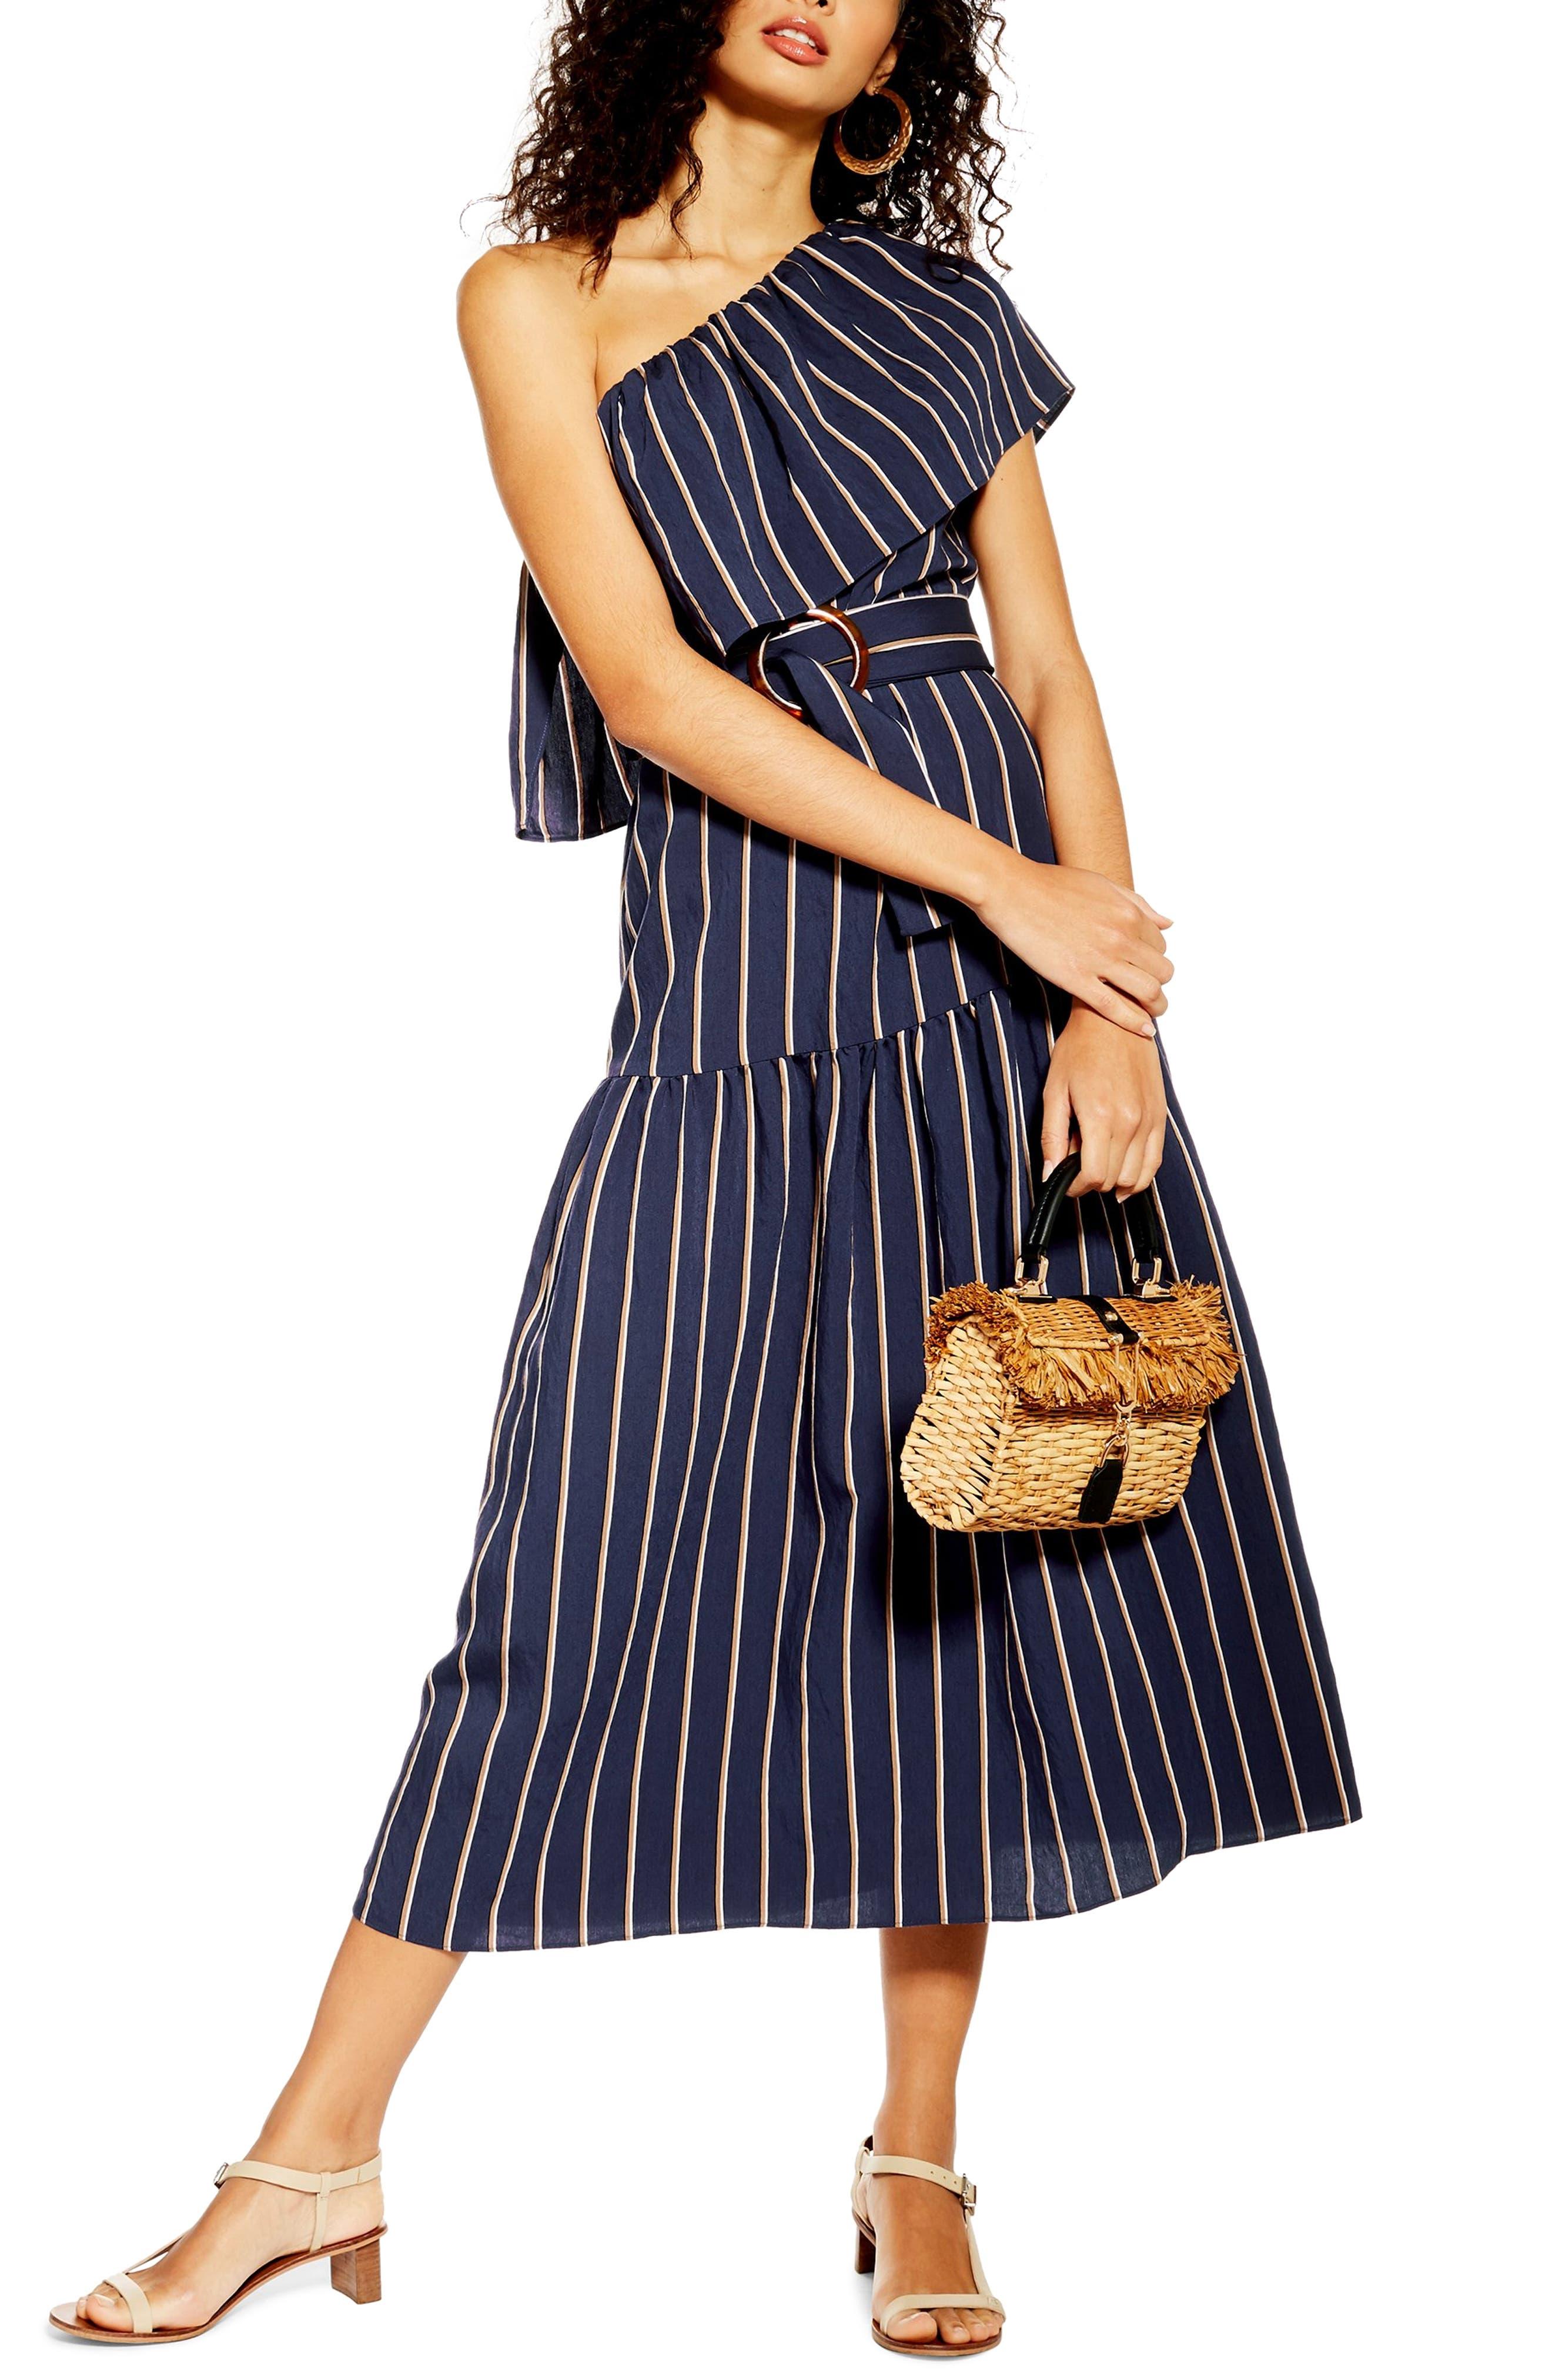 Topshop Sicily One Shoulder Midi Dress On sale